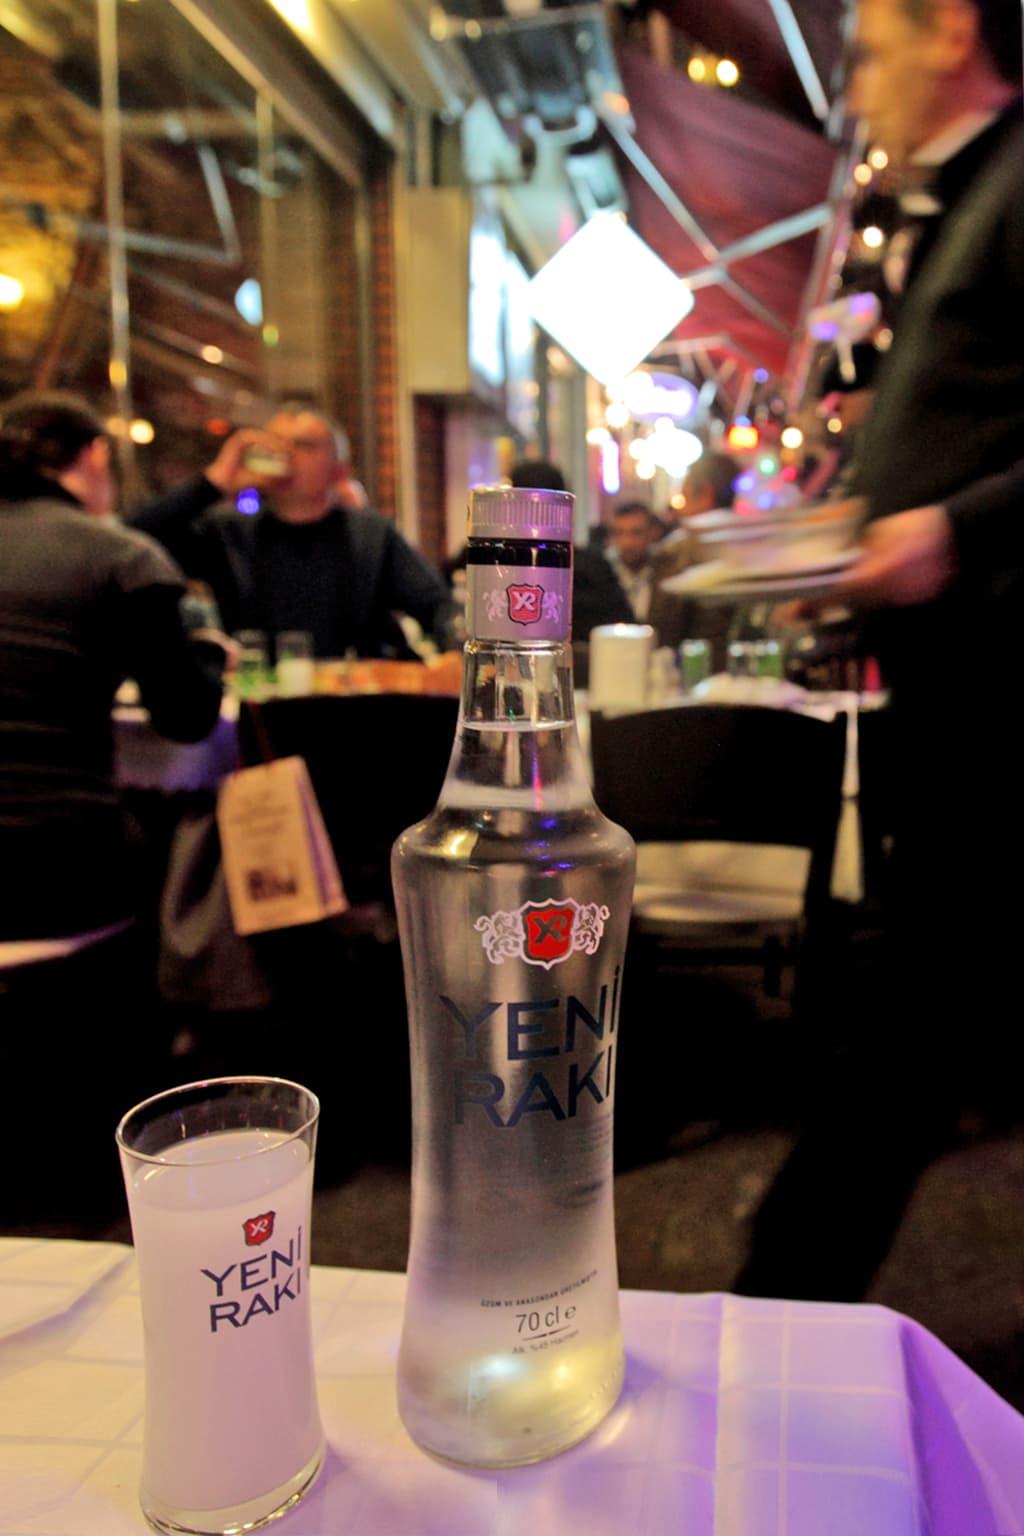 Viinapullo ravintolan pöydällä